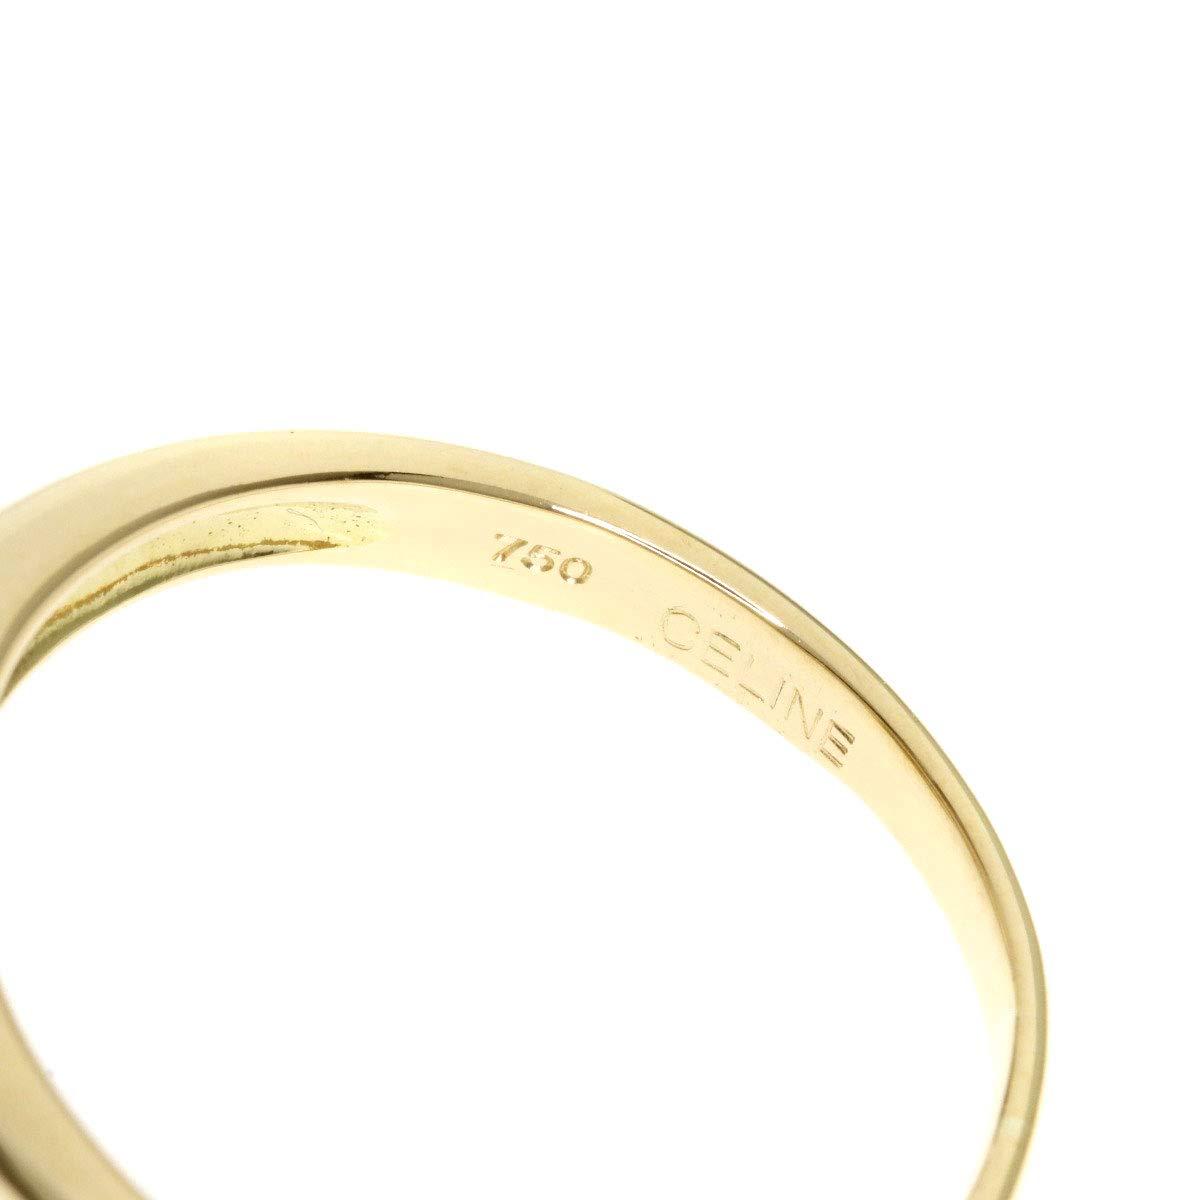 ce5ae5a4cb Amazon   [セリーヌ]凱旋門 リング・指輪 K18イエローゴールド レディース (中古)   リング 通販